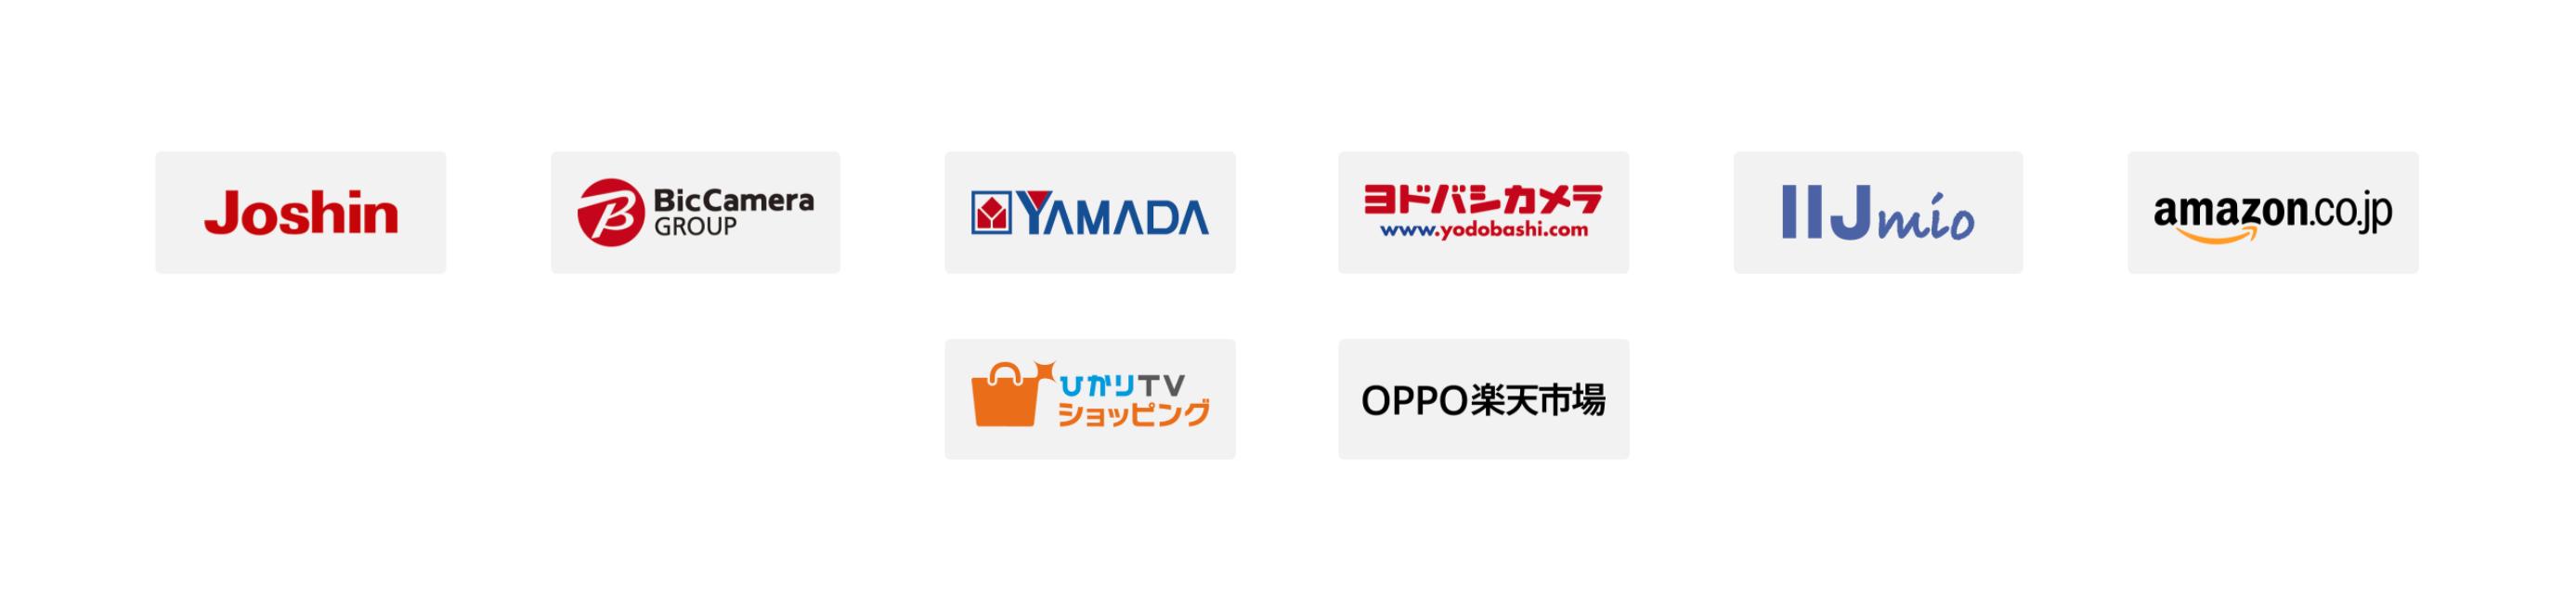 f:id:Azusa_Hirano:20200807205042p:plain